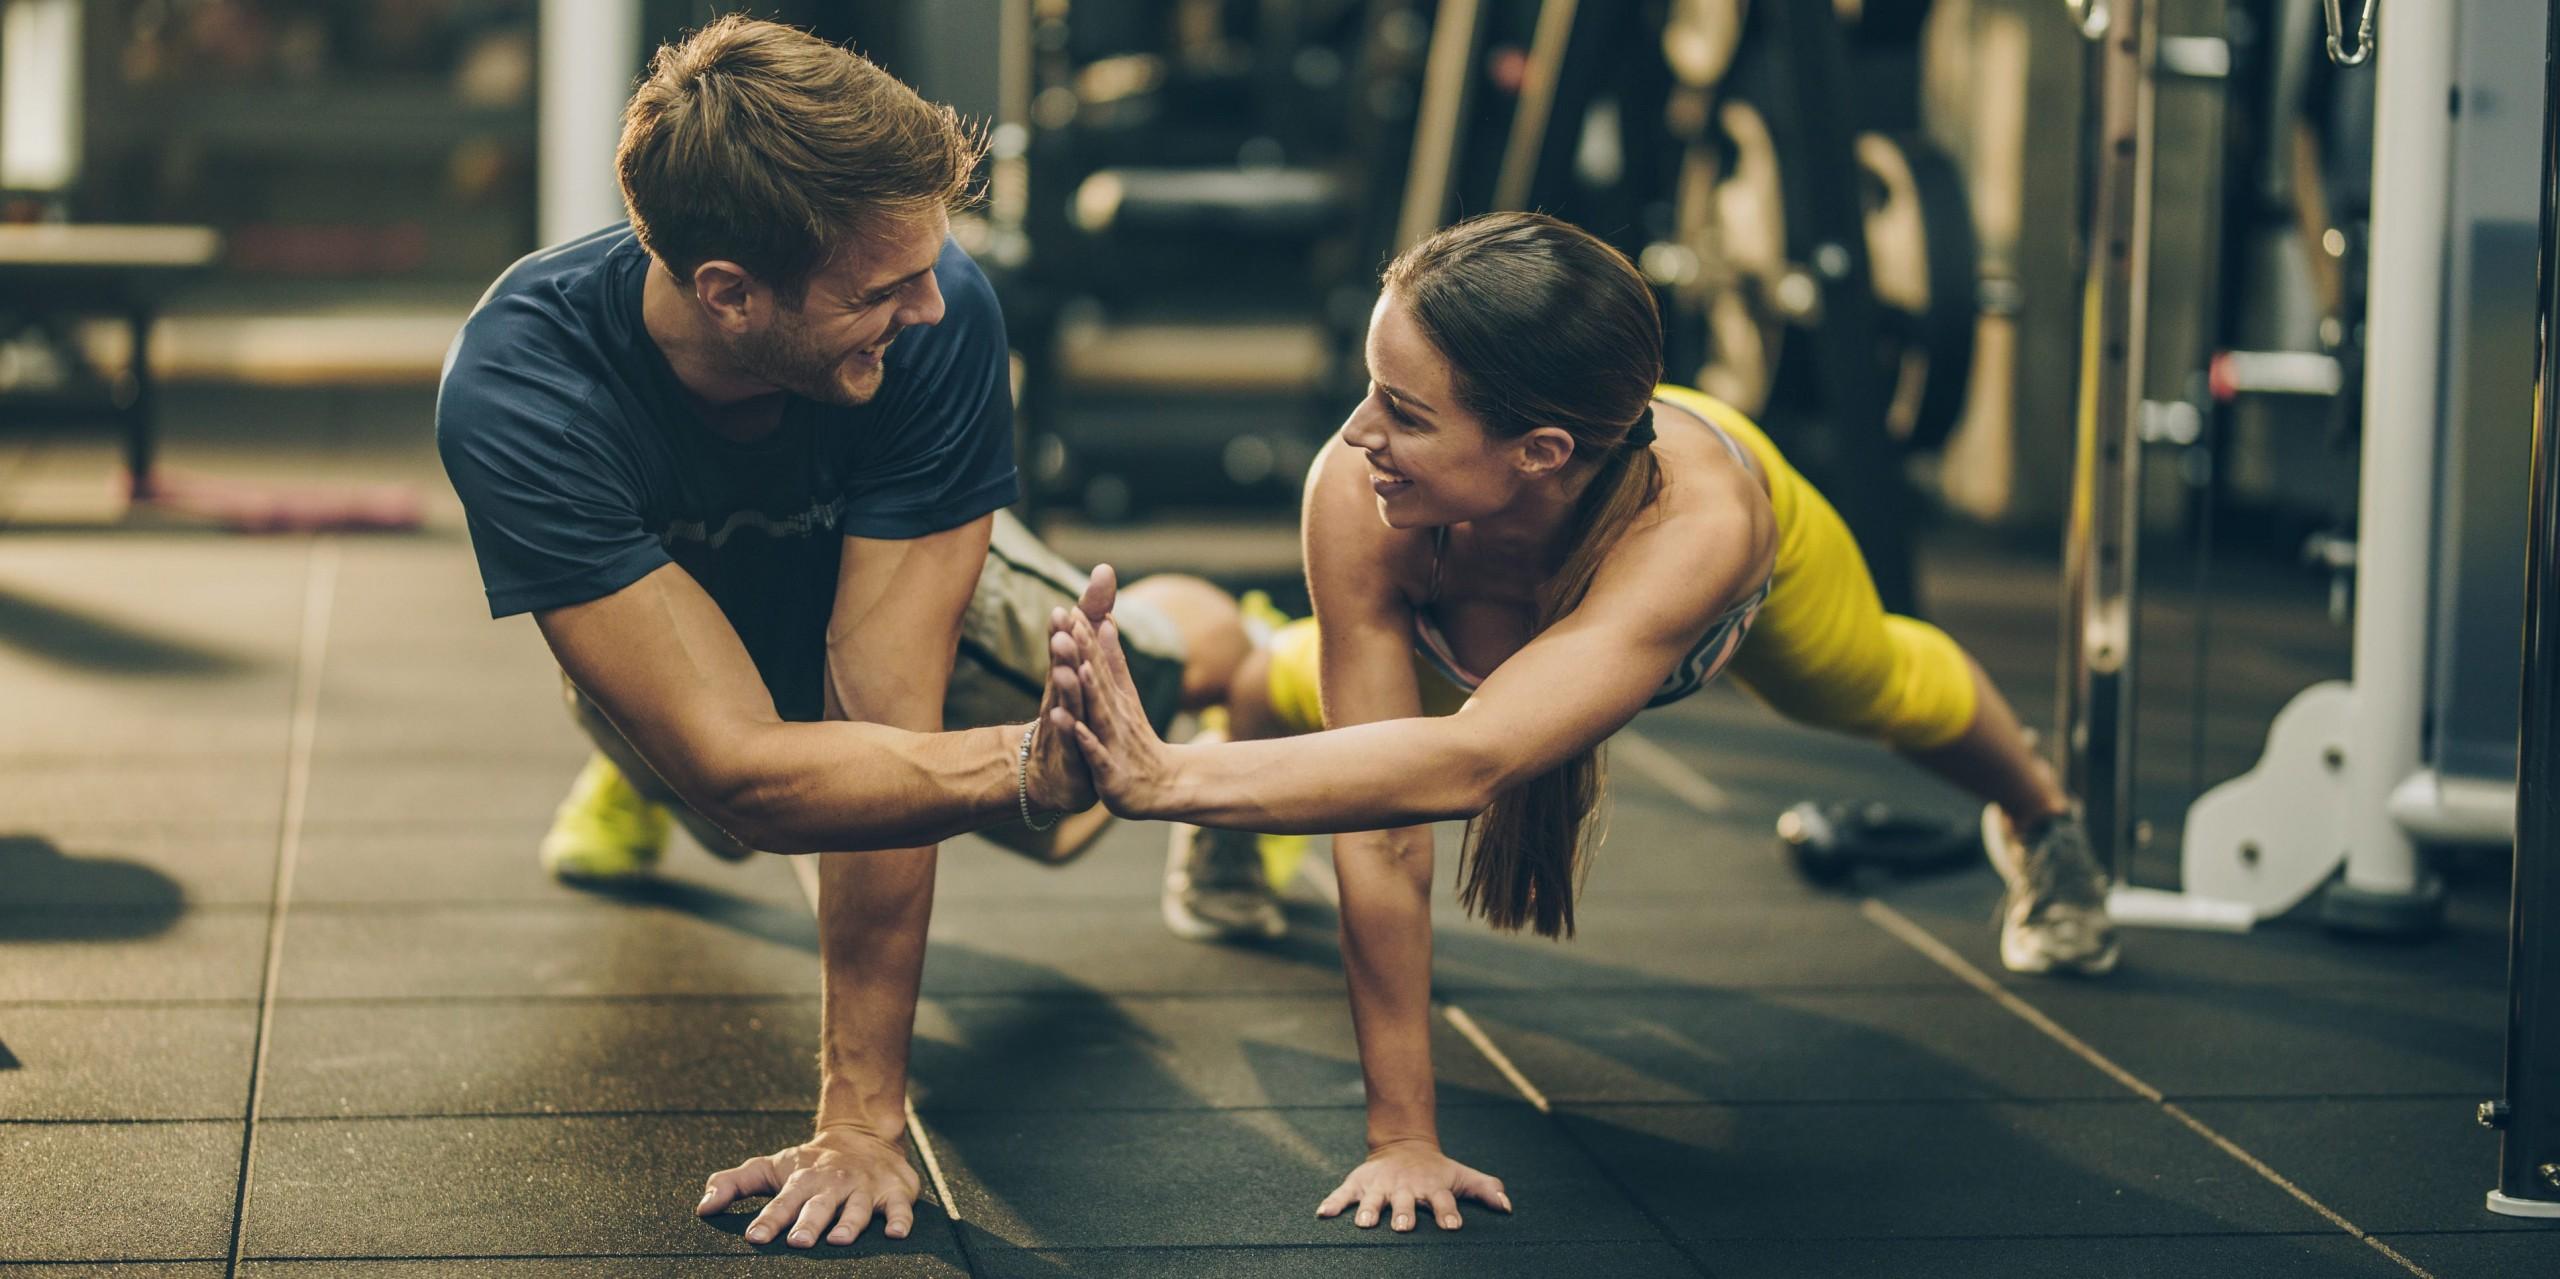 Mann und Frau im Fitnessstudio klatschen sich im Liegestütz die Hände ab.